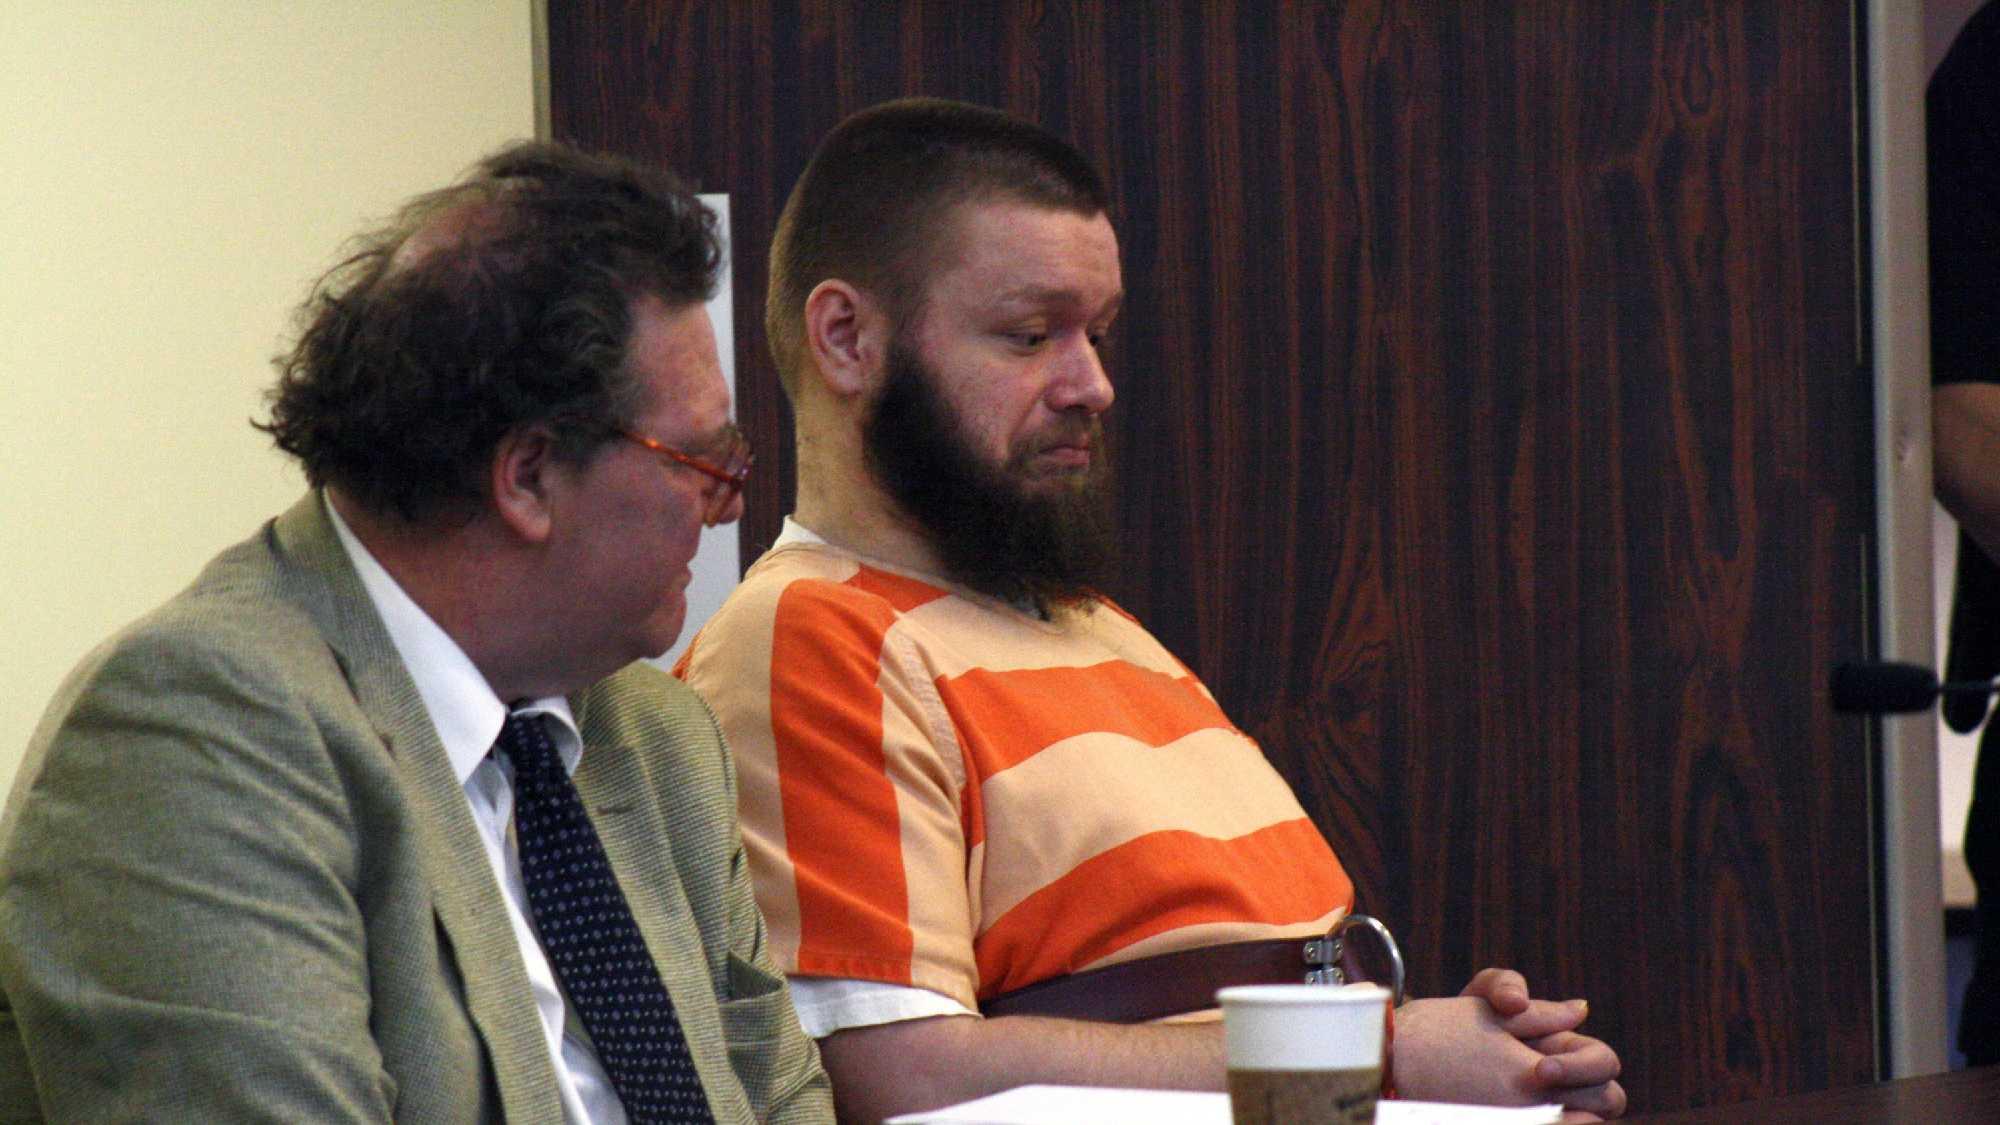 Kyle Flack arraignment image 2